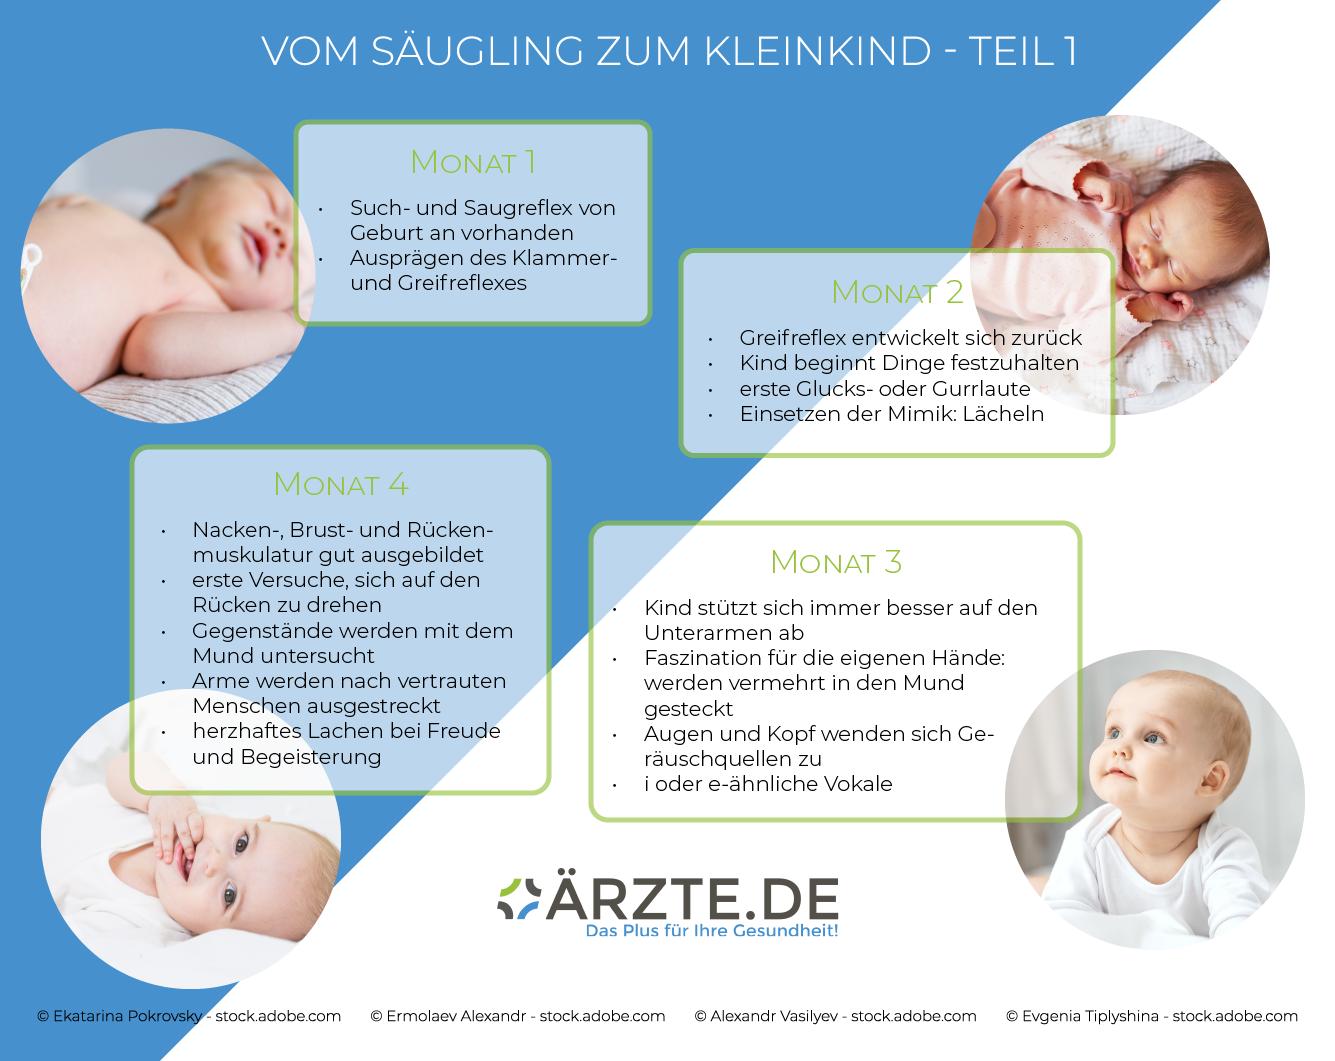 Vom Säugling zum Kleinkind - die ersten vier Monate Grafik